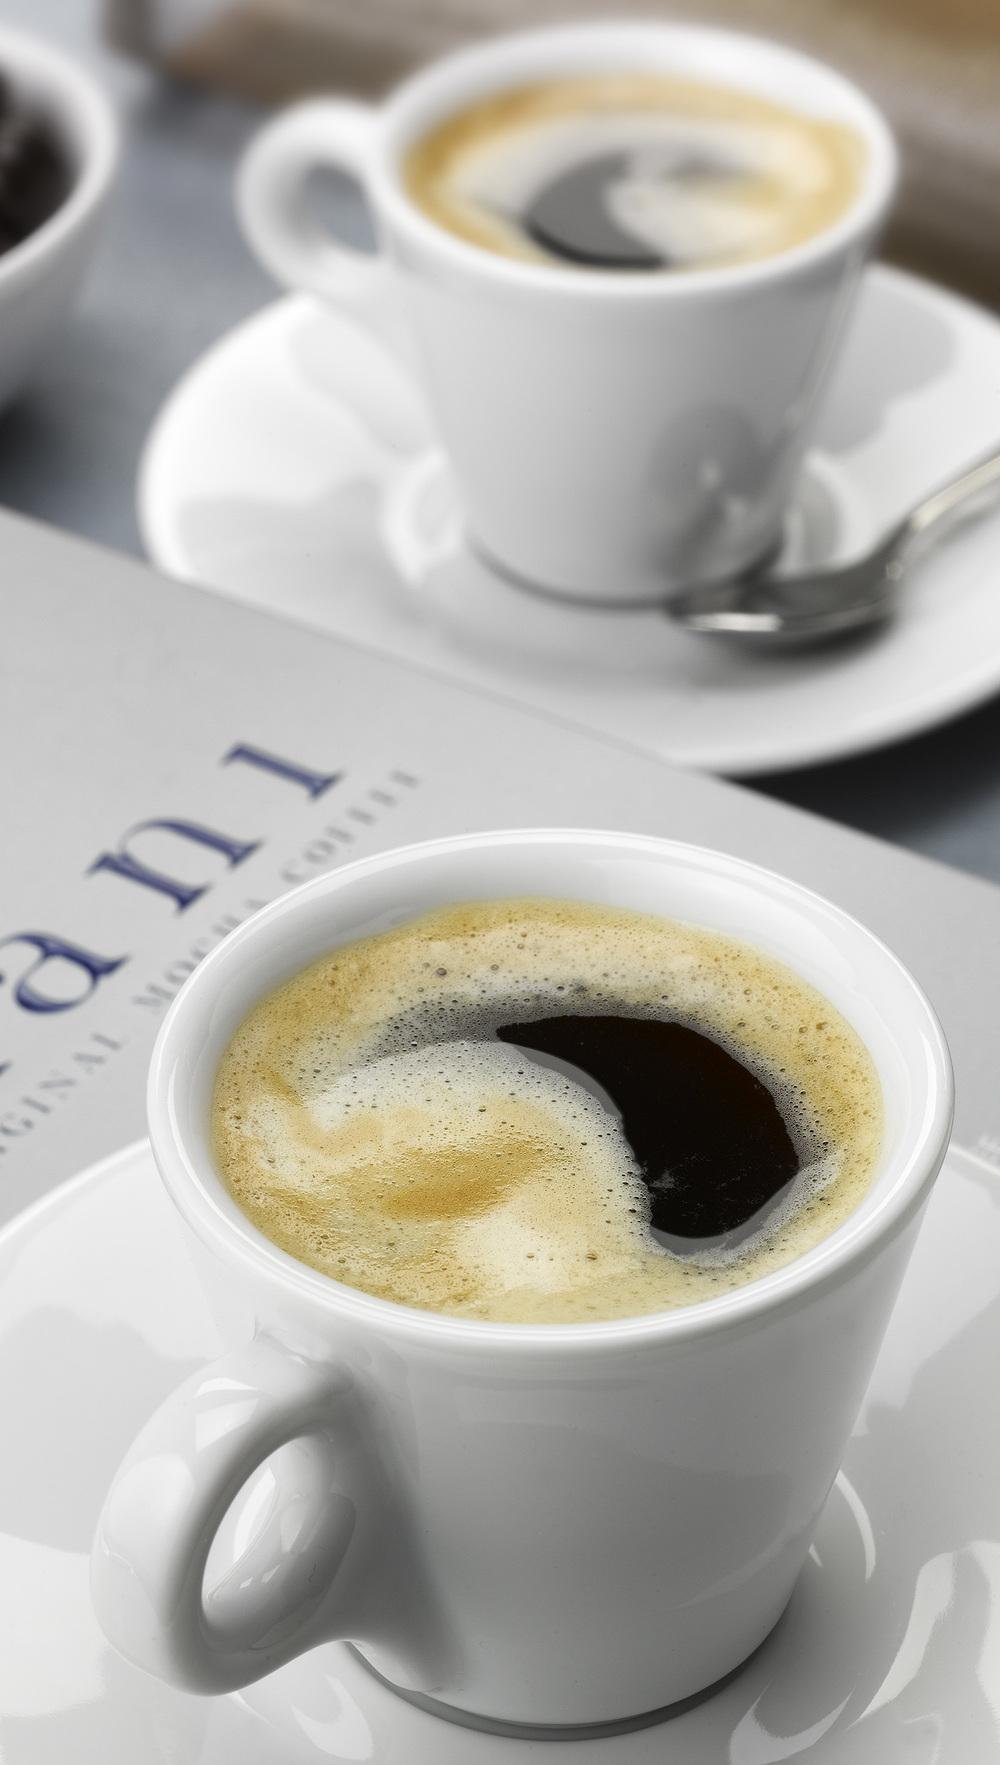 Sanani_Espresso.jpg